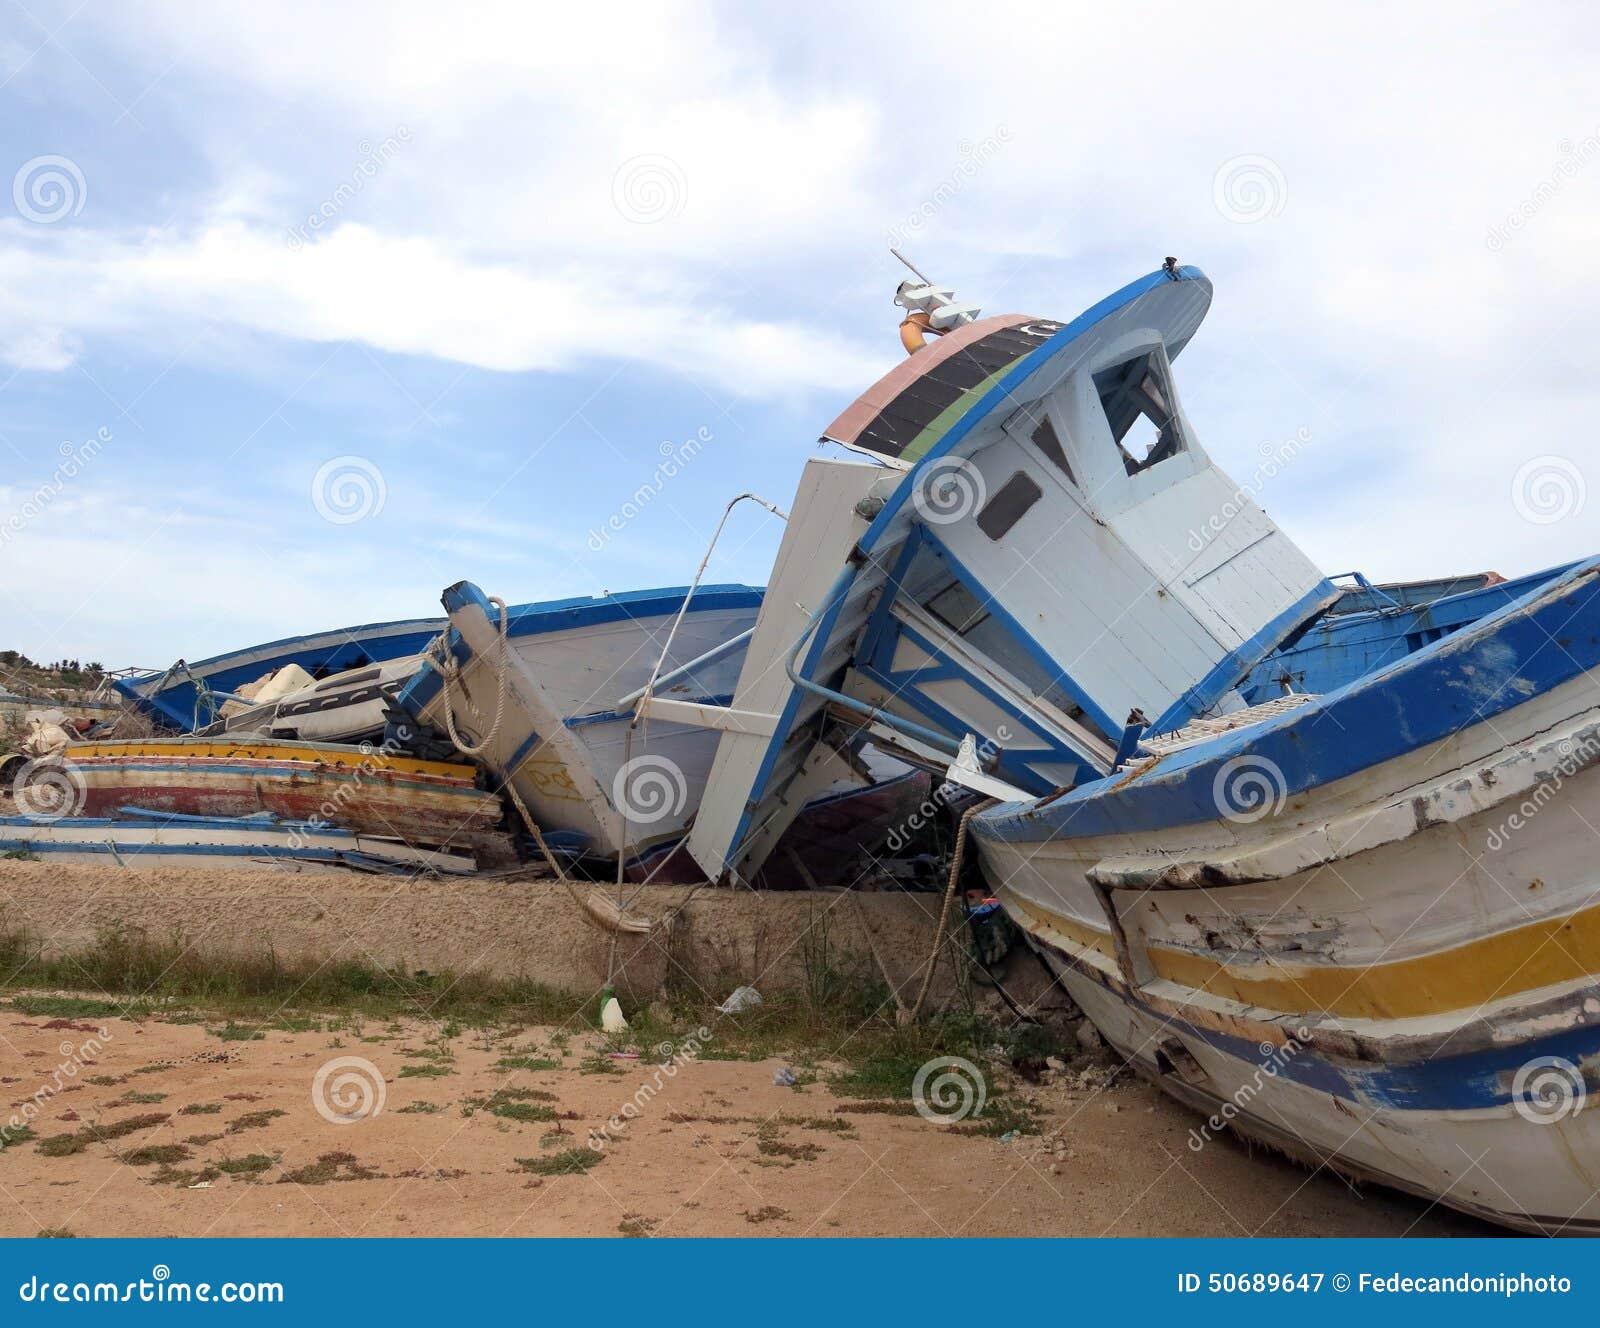 Download 在难民的登陆的以后残破的海难 库存图片. 图片 包括有 灾害, 遭难, 故障, 报废, 海难, 损坏, 移民 - 50689647